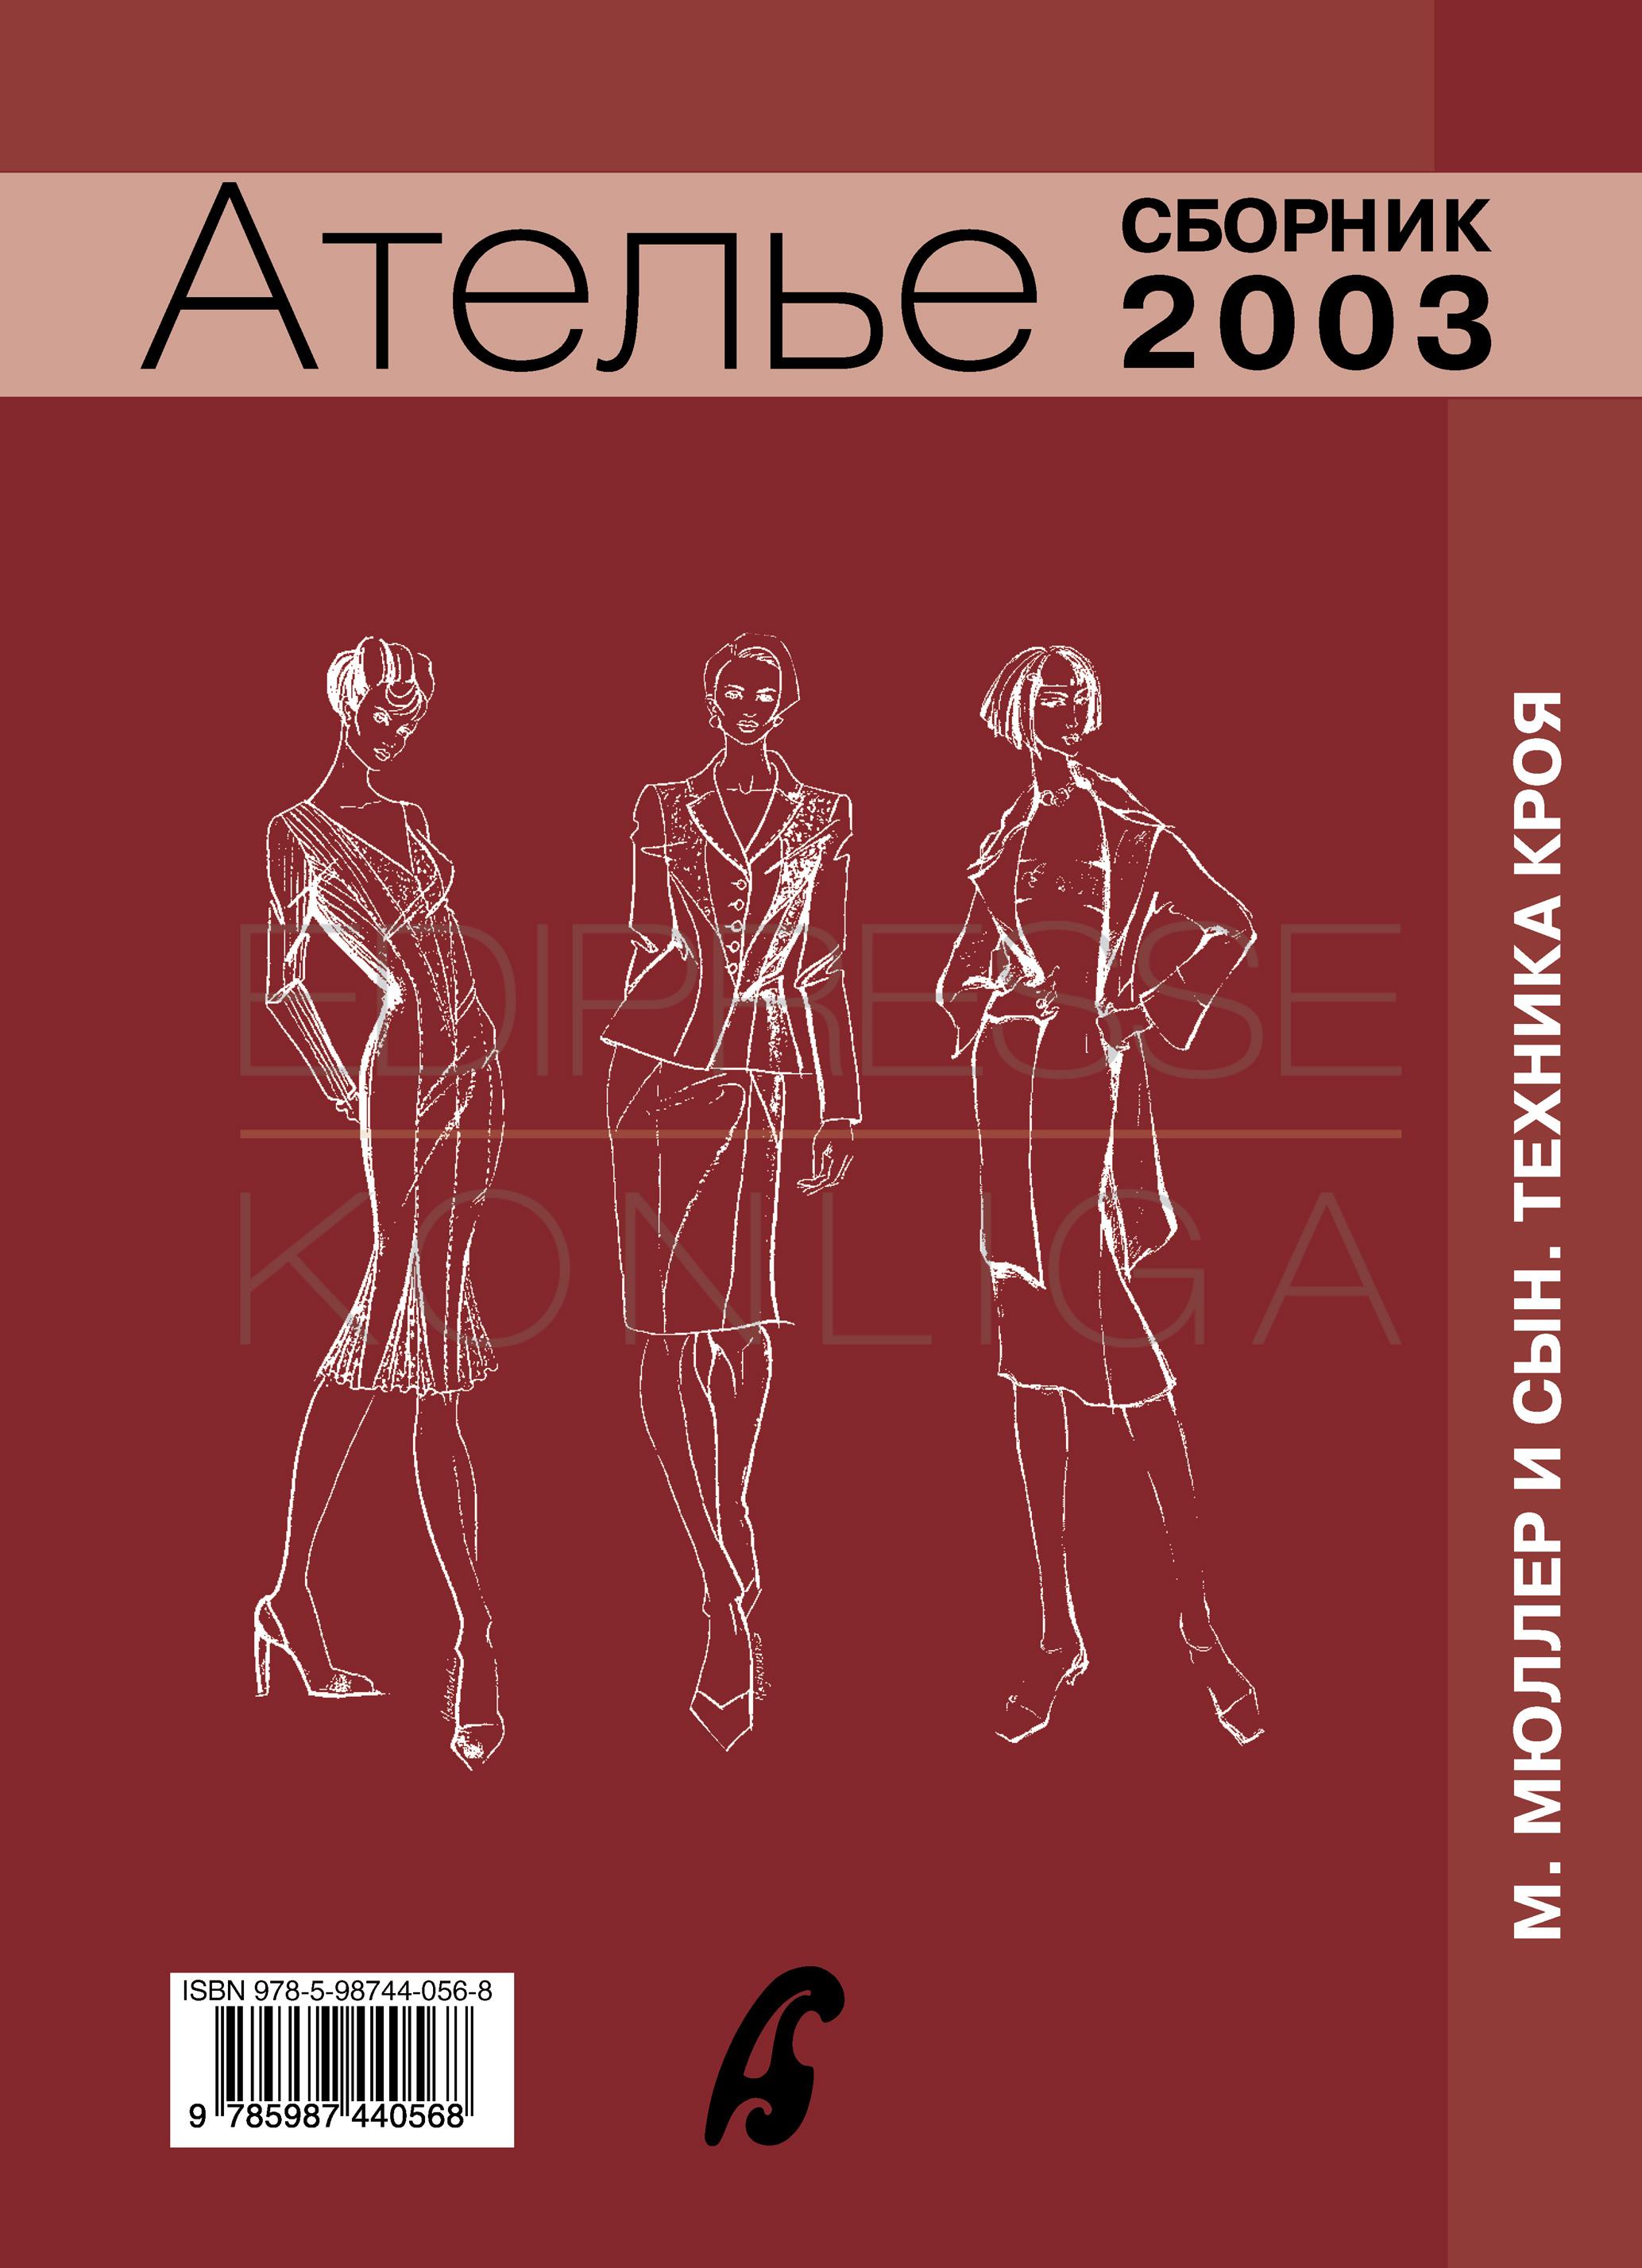 Сборник Сборник «Ателье – 2003». М.Мюллер и сын. Техника кроя женская одежда для спорта